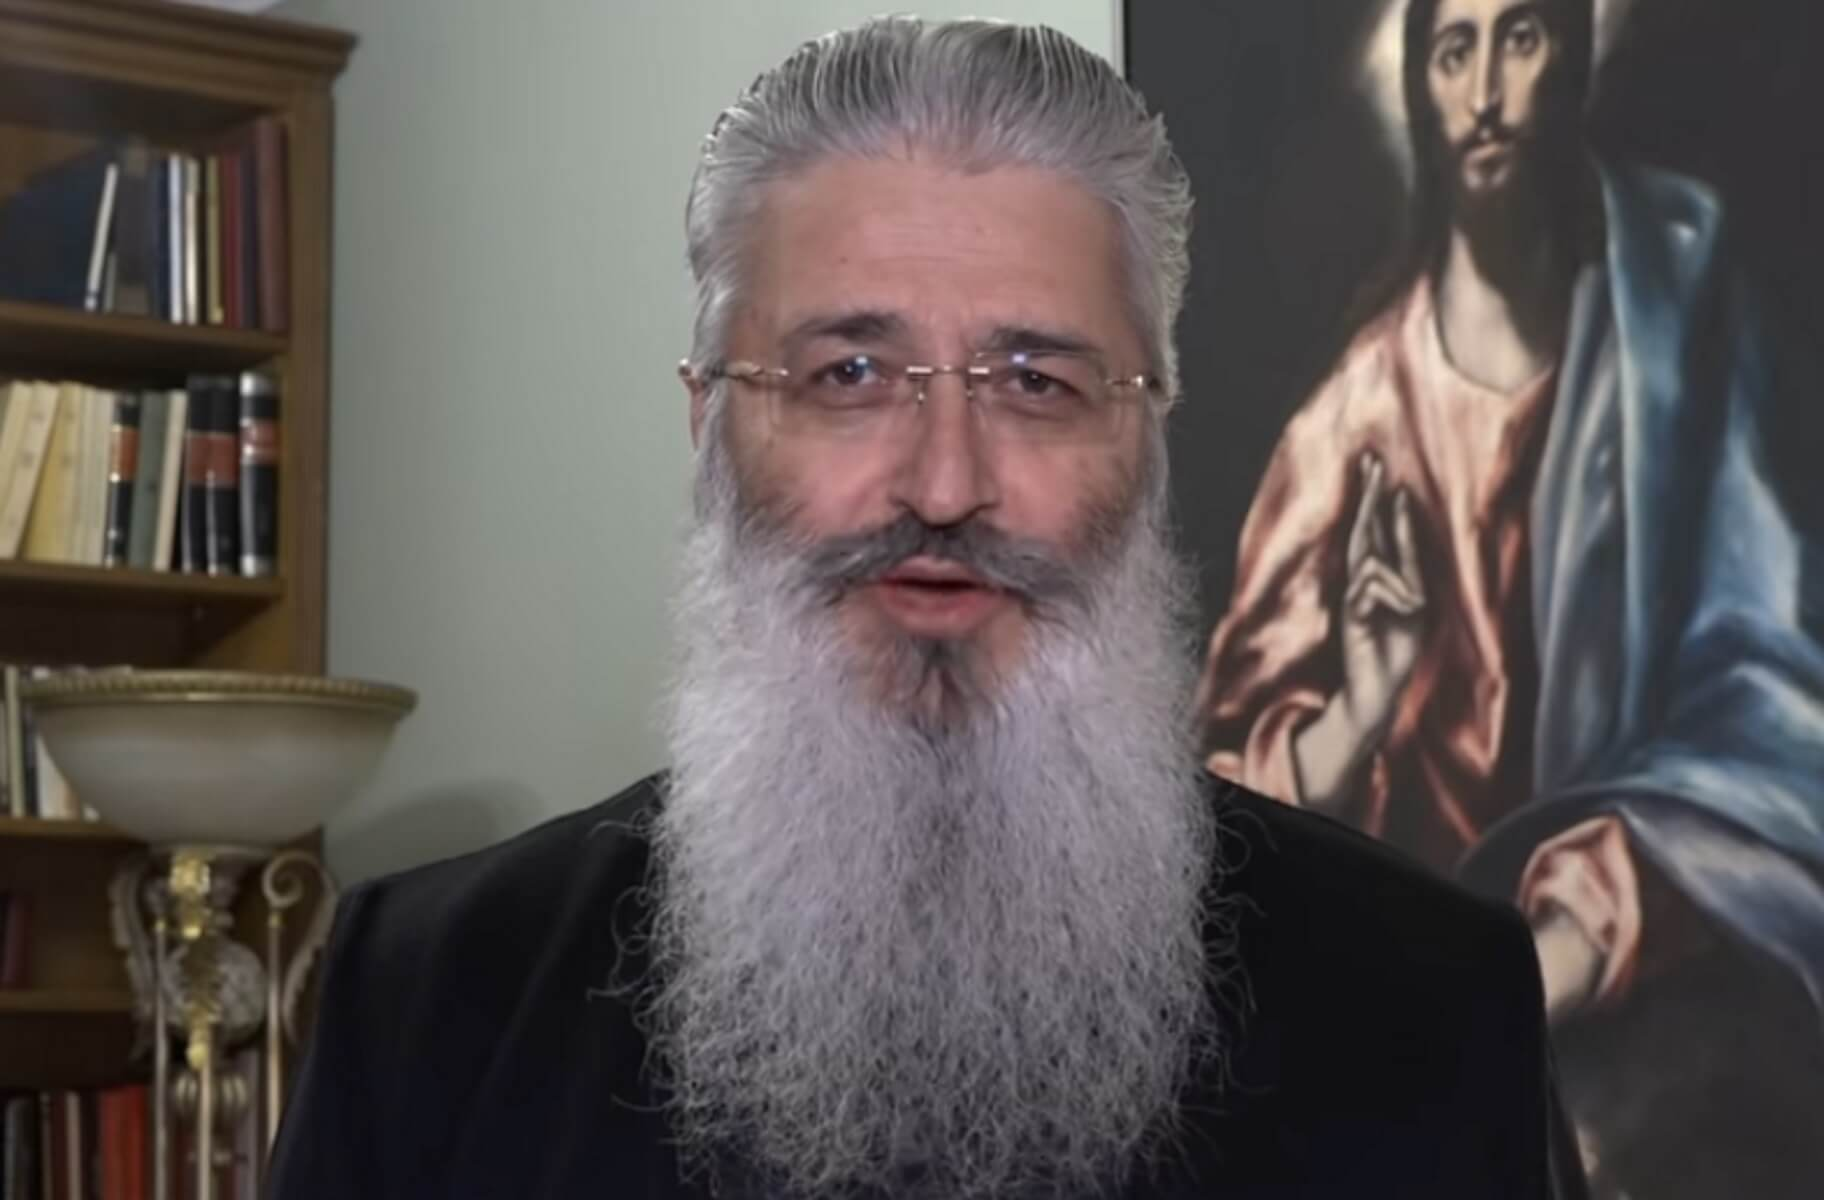 Διαδικτυακό… κάλεσμα Μητροπολίτη για εκκλησιασμό! Δώρο ο καφές – video